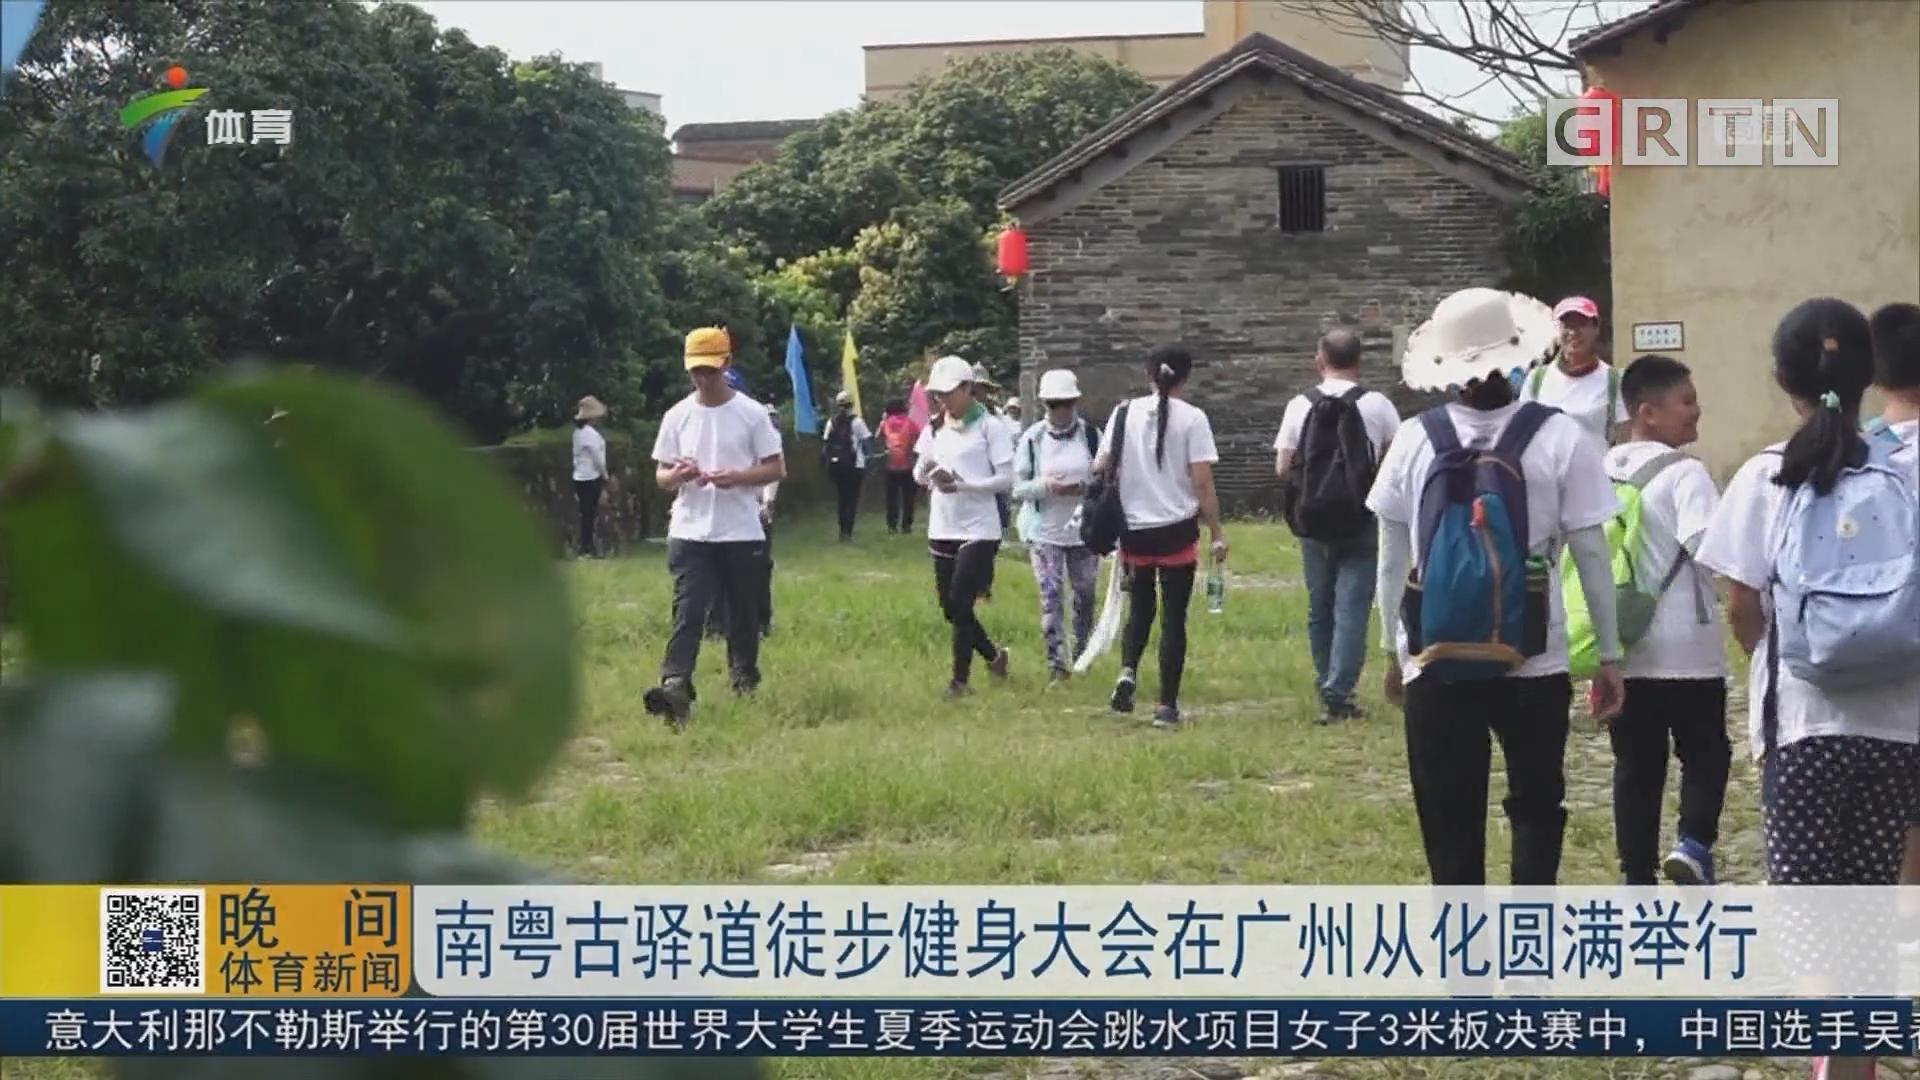 南粵古驛道徒步健身大會在廣州從化圓滿舉行